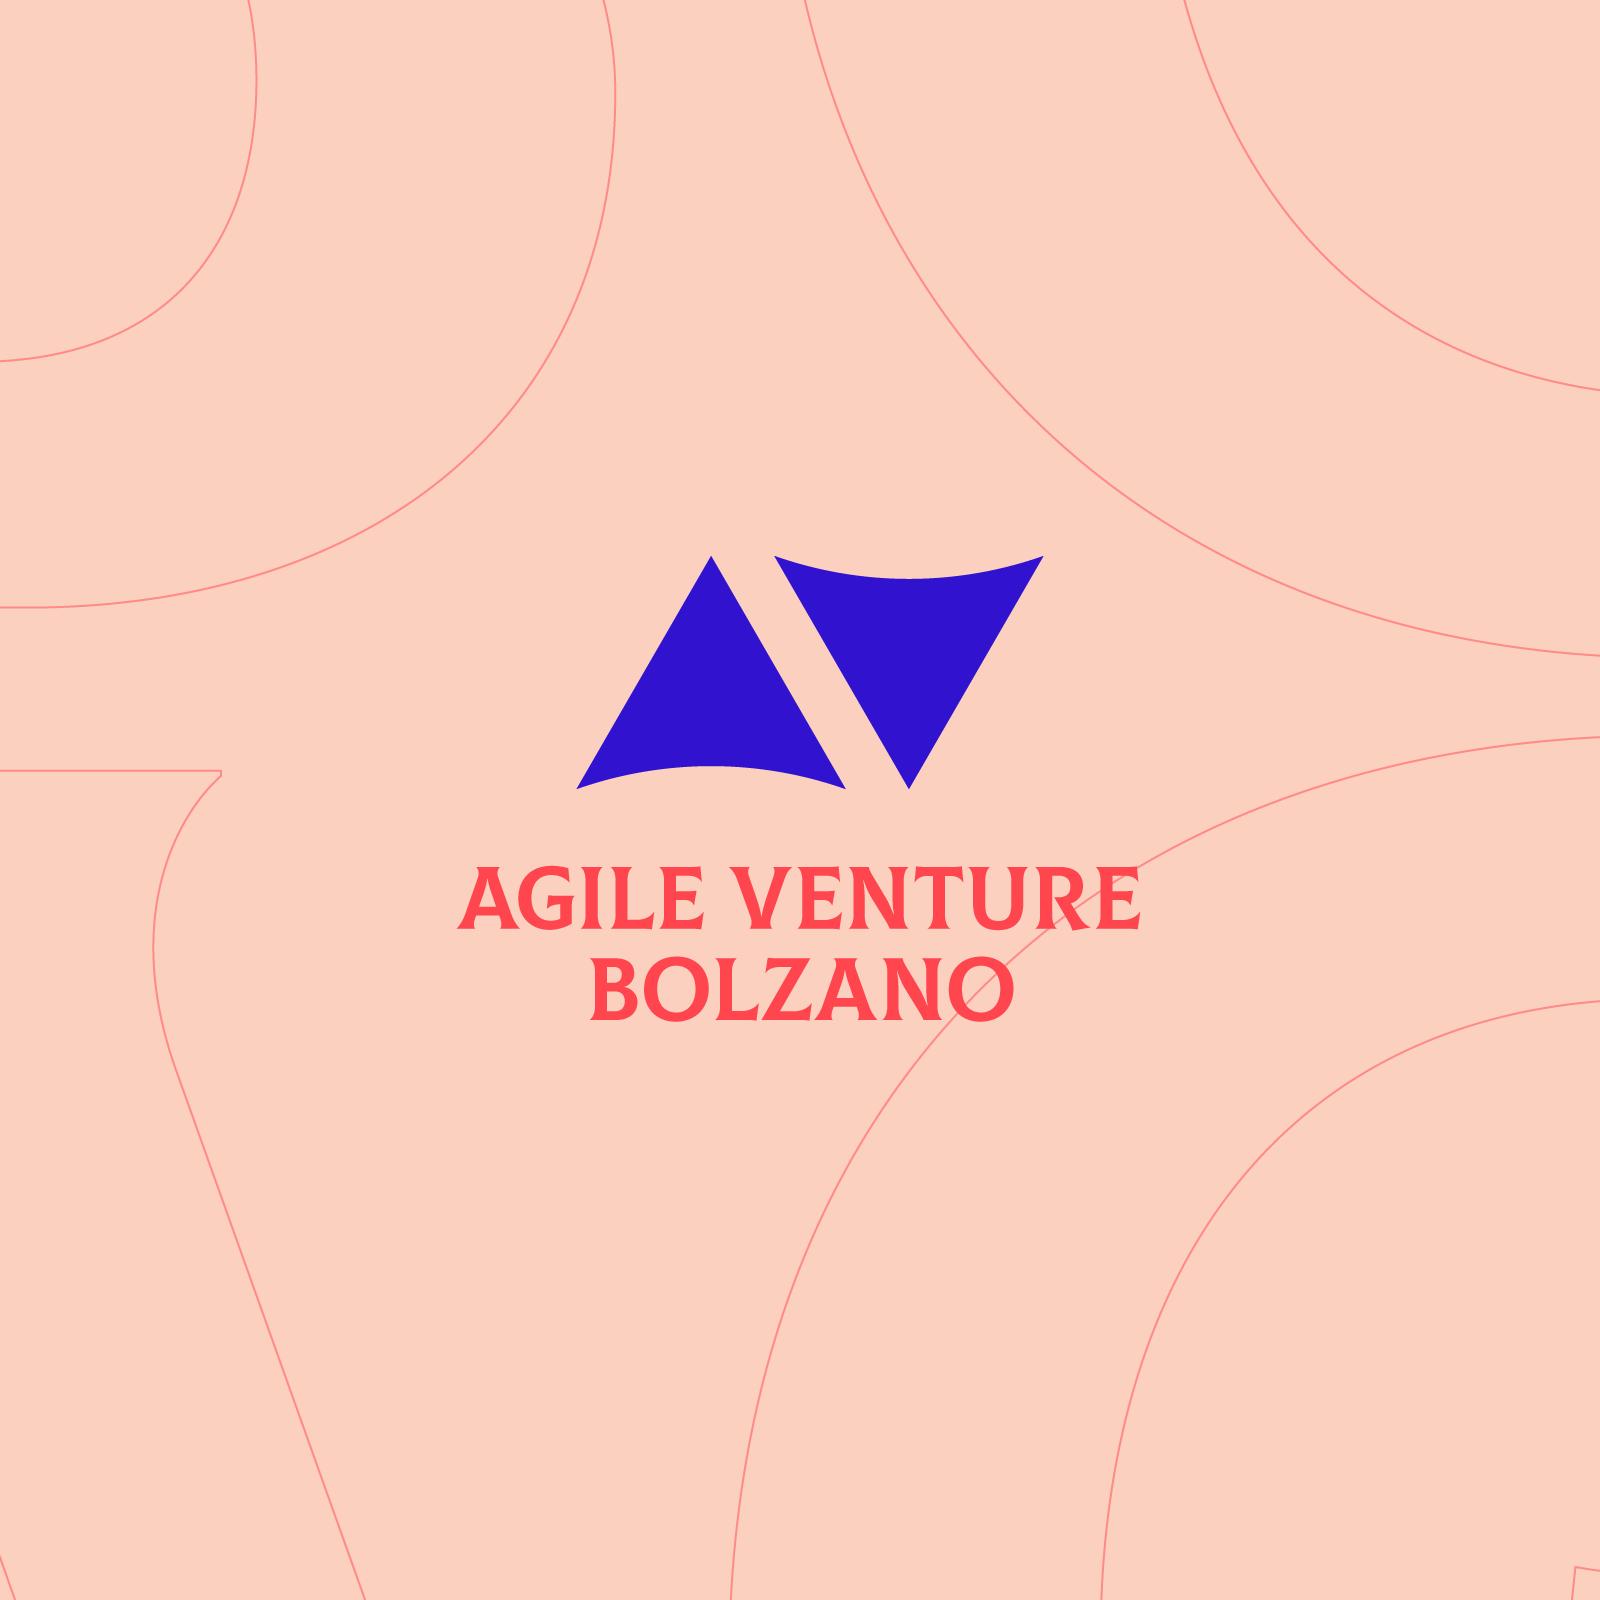 <p>@Agile Venture Bolzano &#8211; 10 Maggio 2019</p>